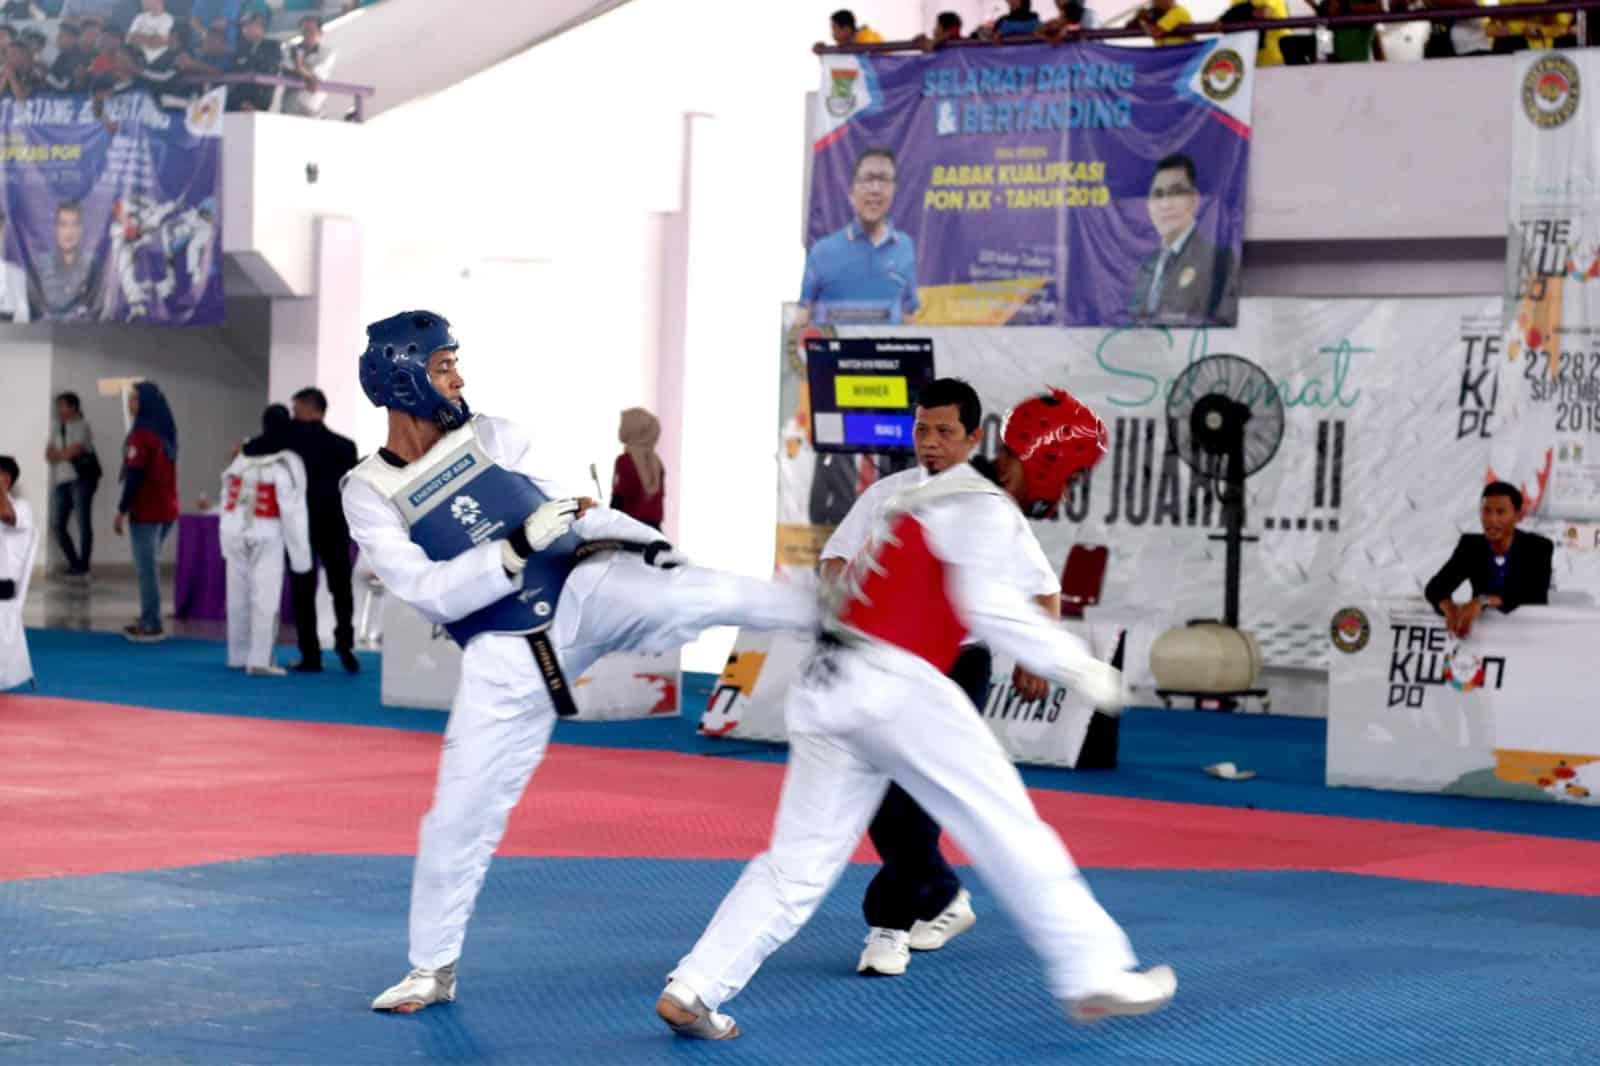 Atlet Doojang Taekwondo Yonko 462 Paskhas Raih Medali Di Kejuaraan Pra-Pon Taekwondo 2020